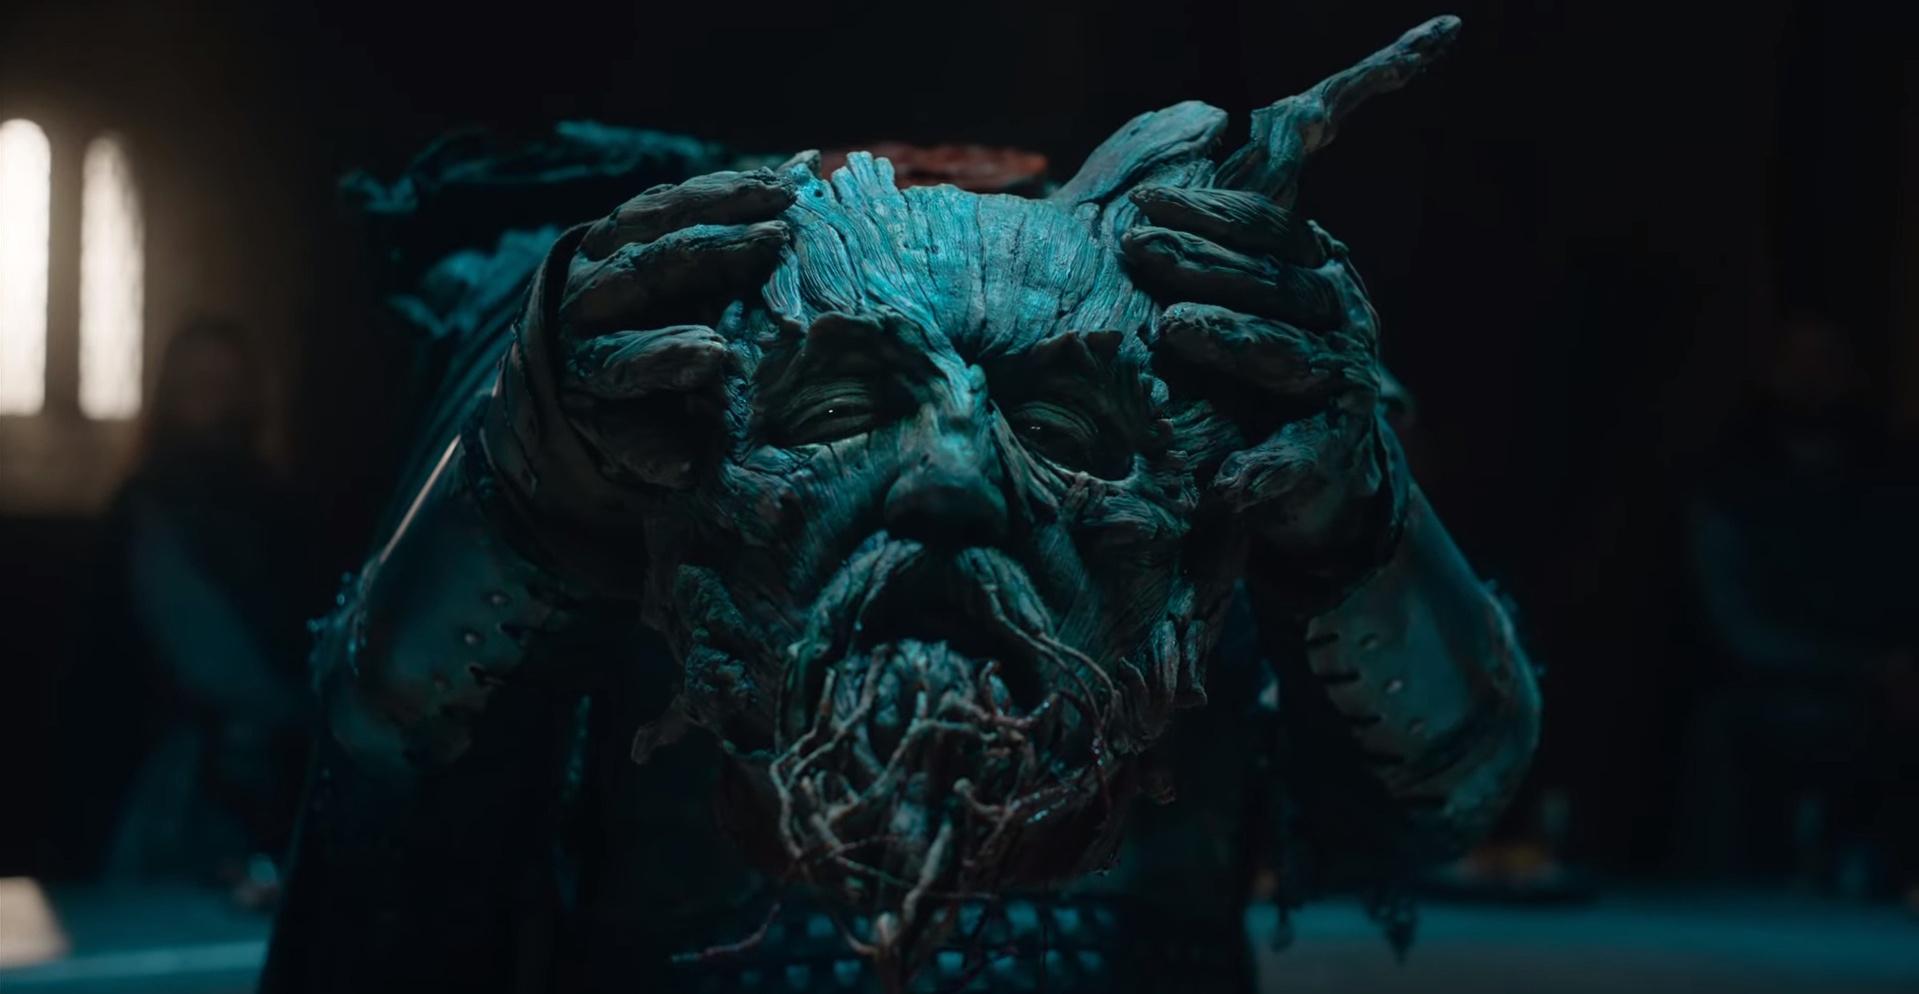 Оживающие мифы и ужасы в трейлере «Легенды о Зелёном рыцаре»